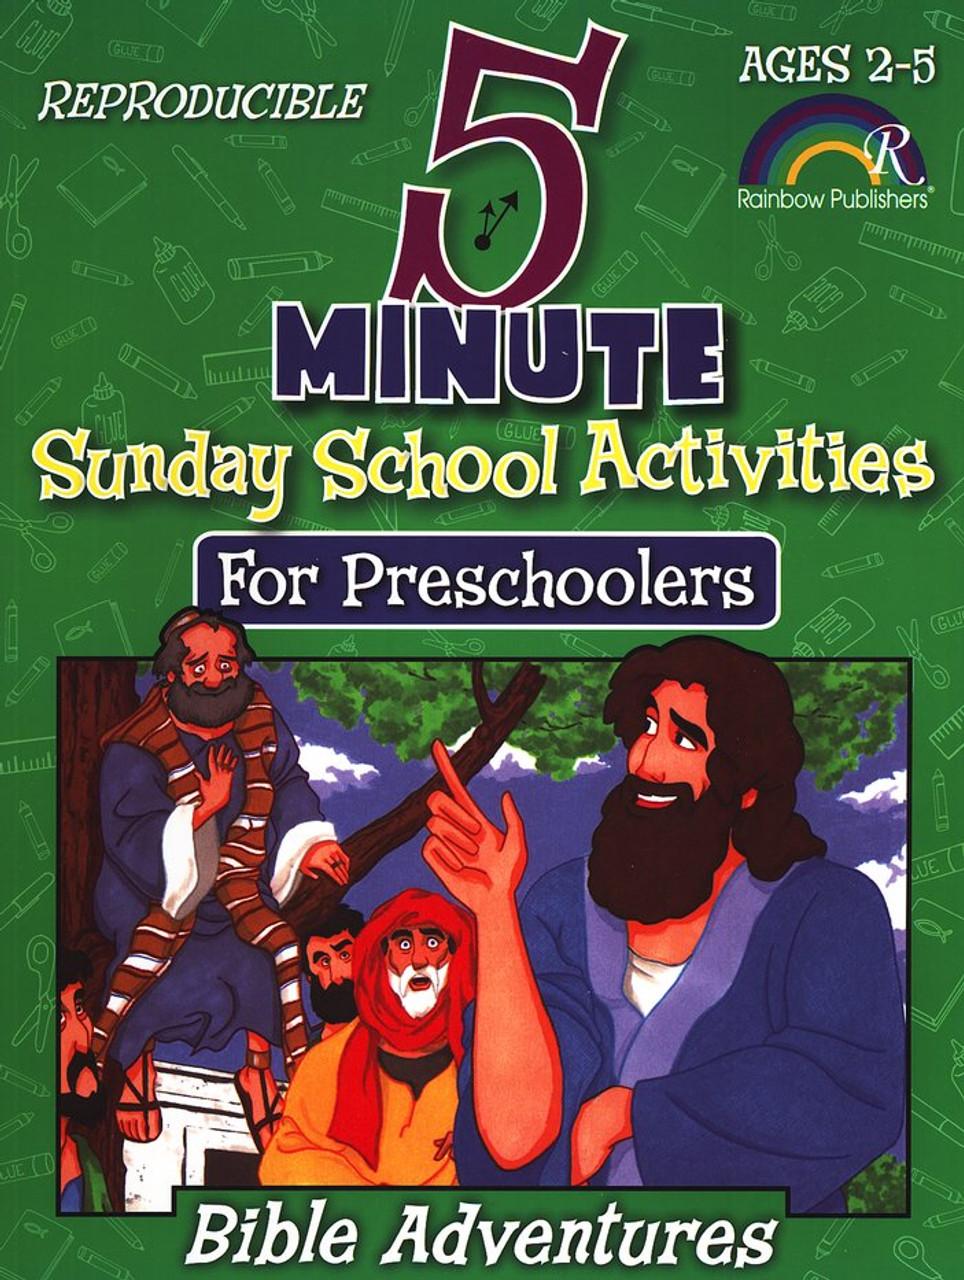 5 Minute Activities for Preschoolers - Bible Adventures (Ages 2-5)